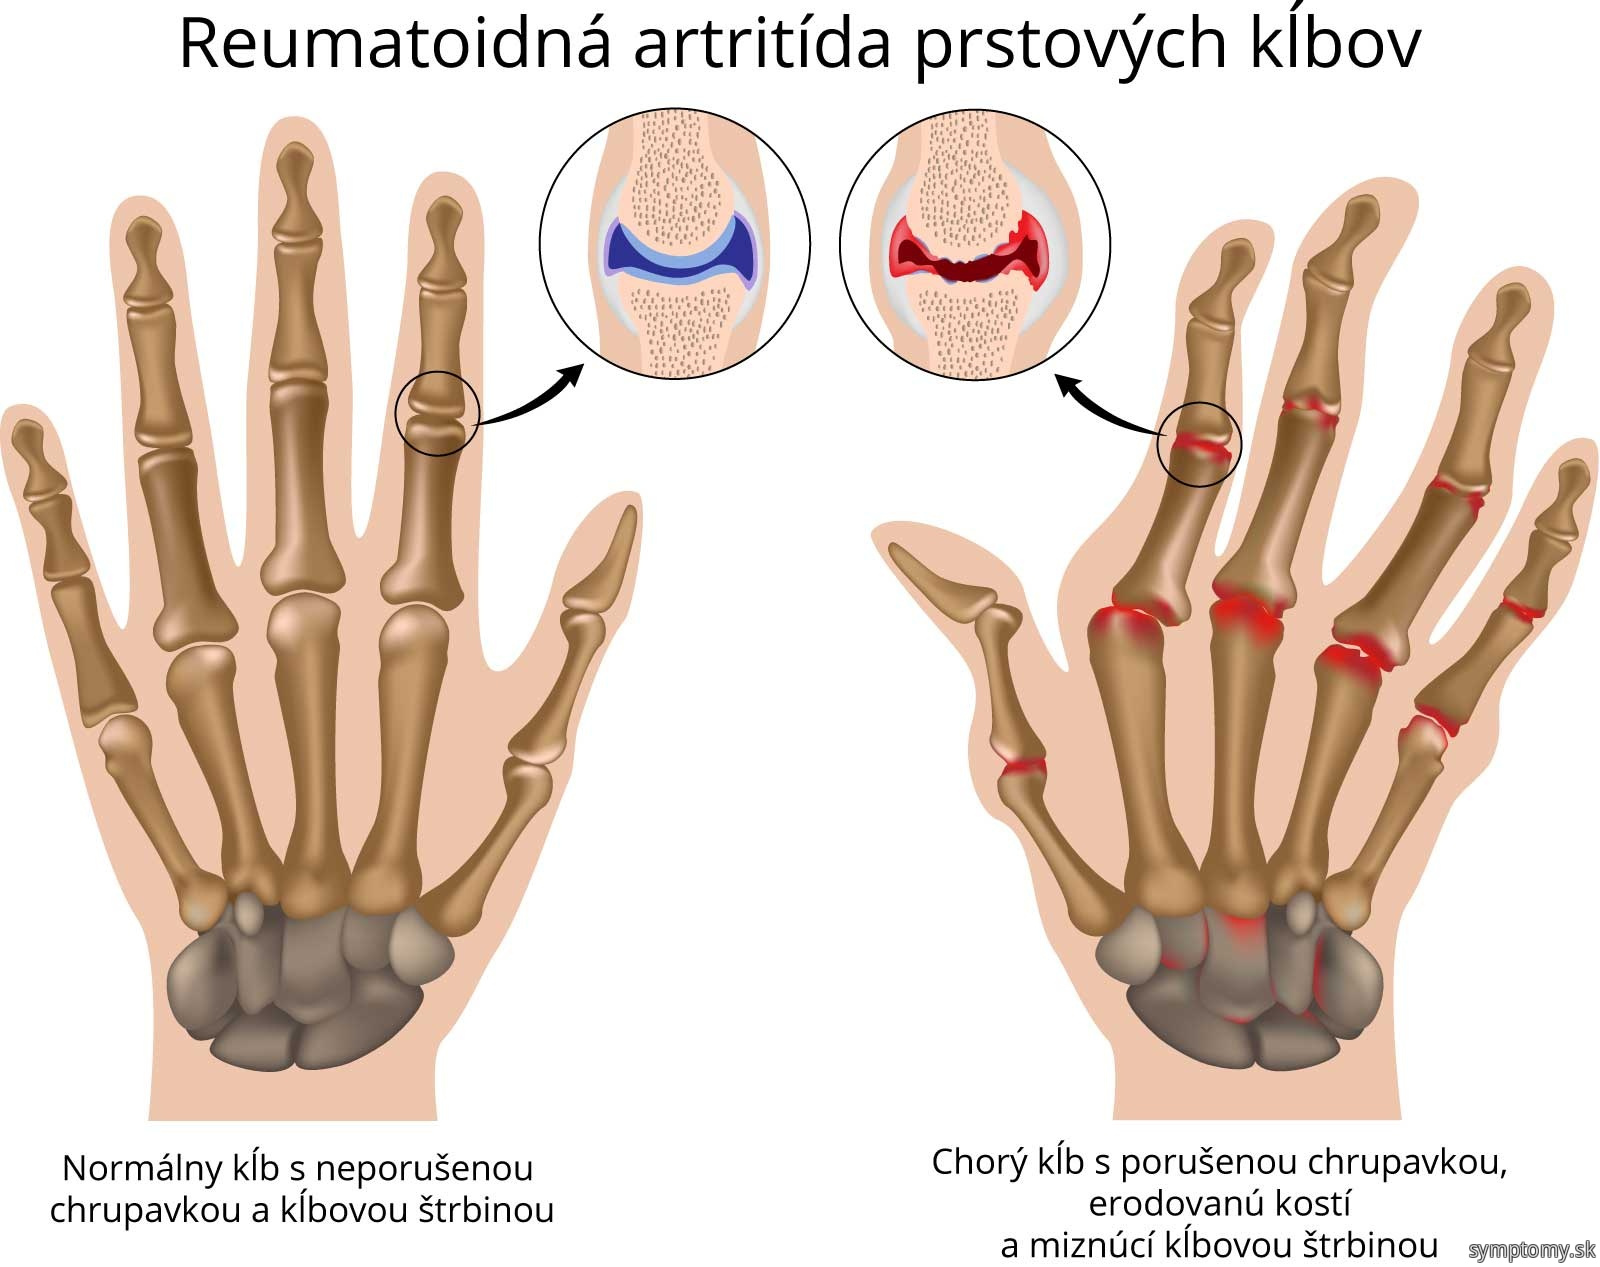 Reumatoidná artritída prstových klbov.jpg